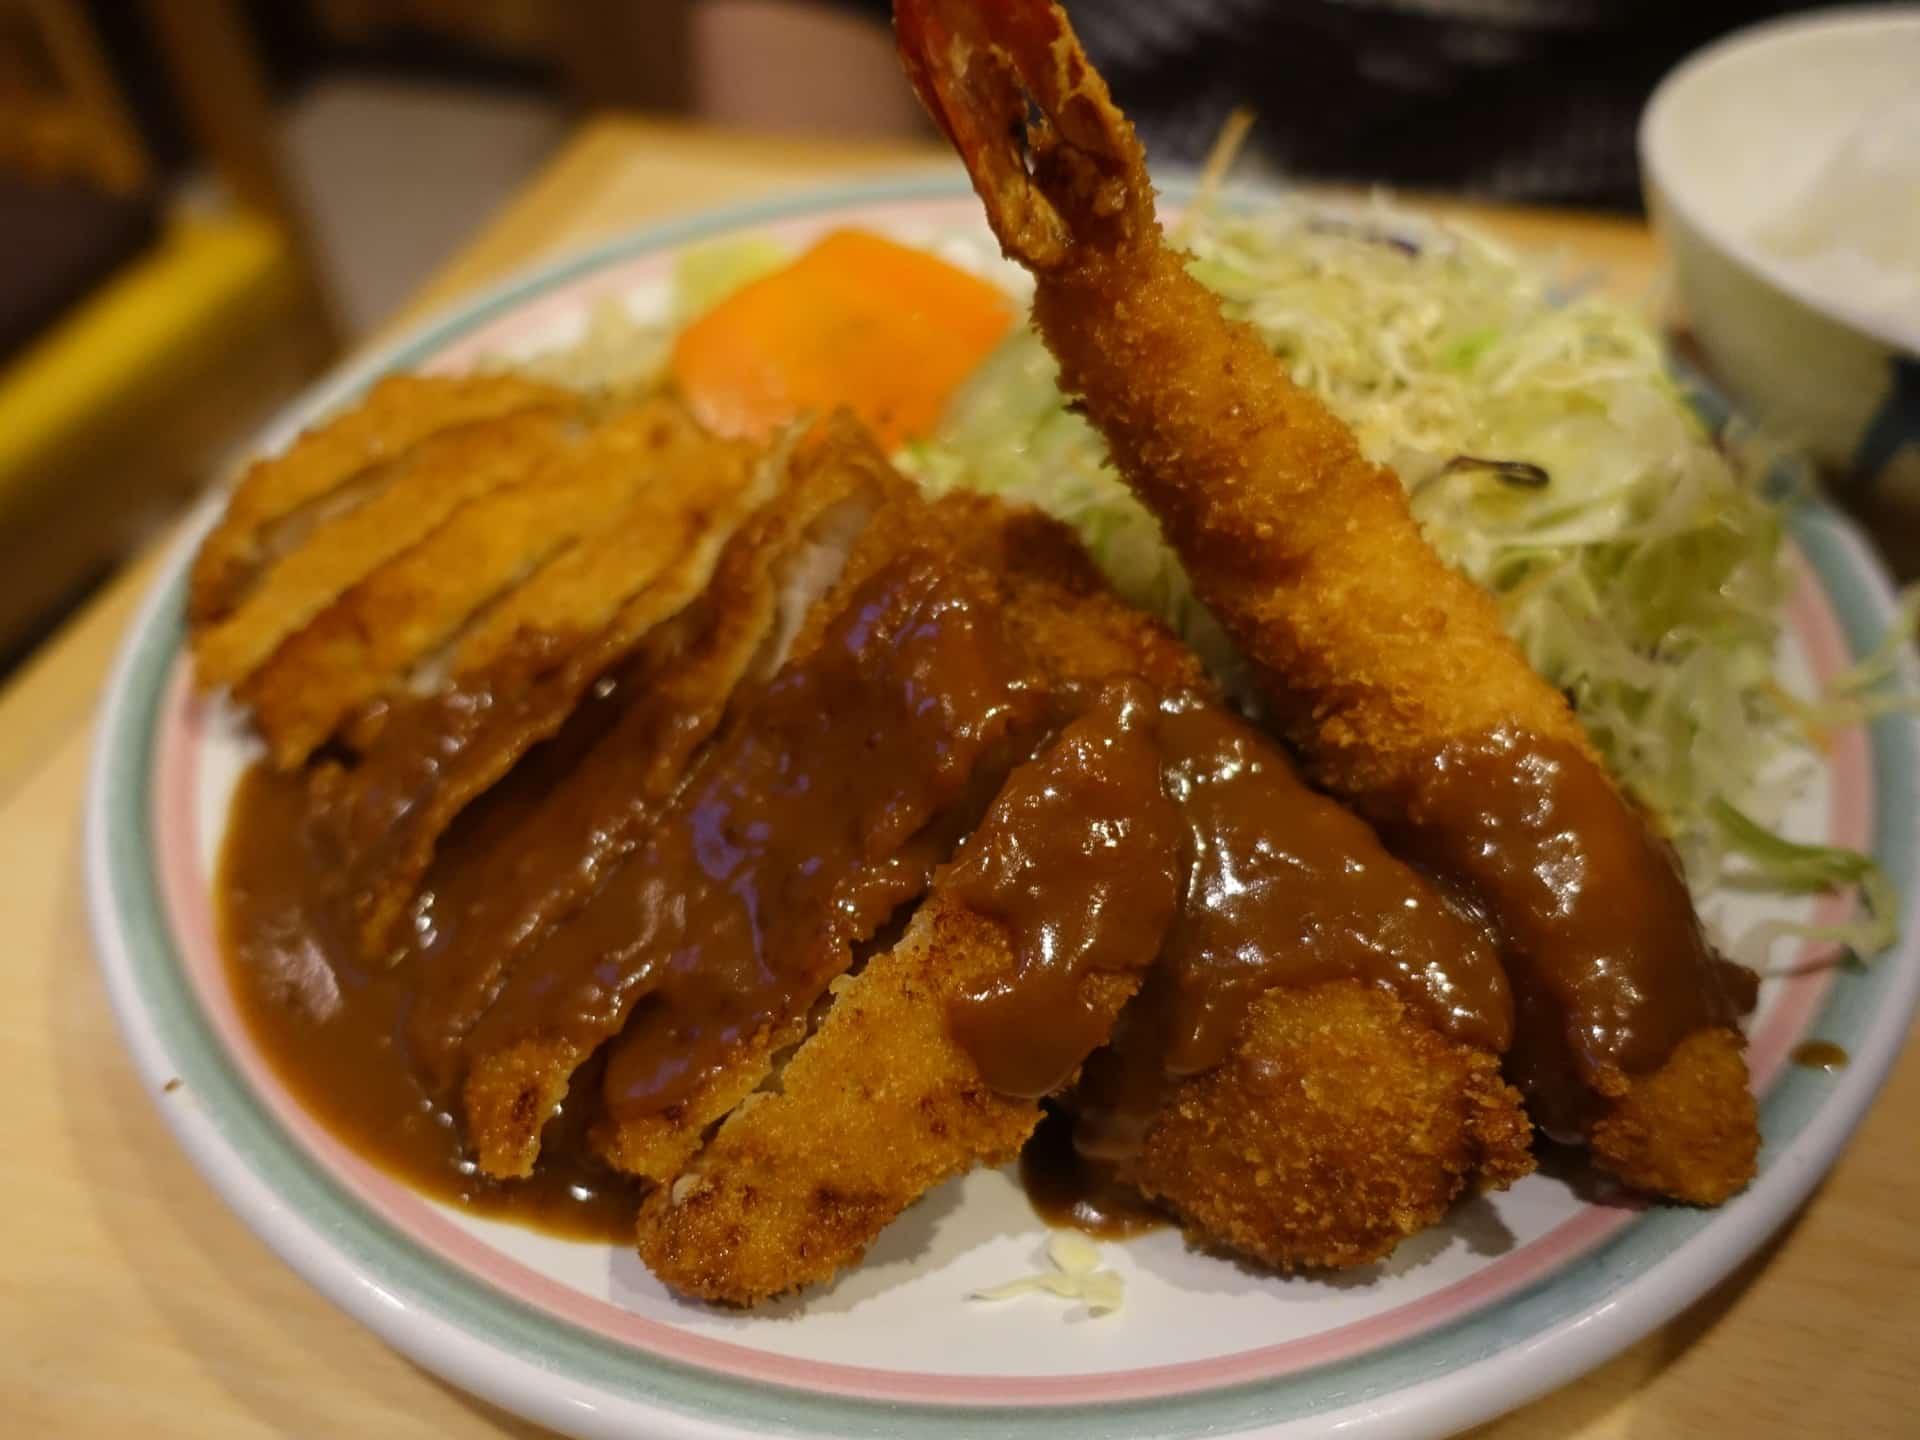 洋食屋 双平 − 神戸・元町にある老舗のフライ専門店でランチ。サクサク衣のエビフライもたまらない!